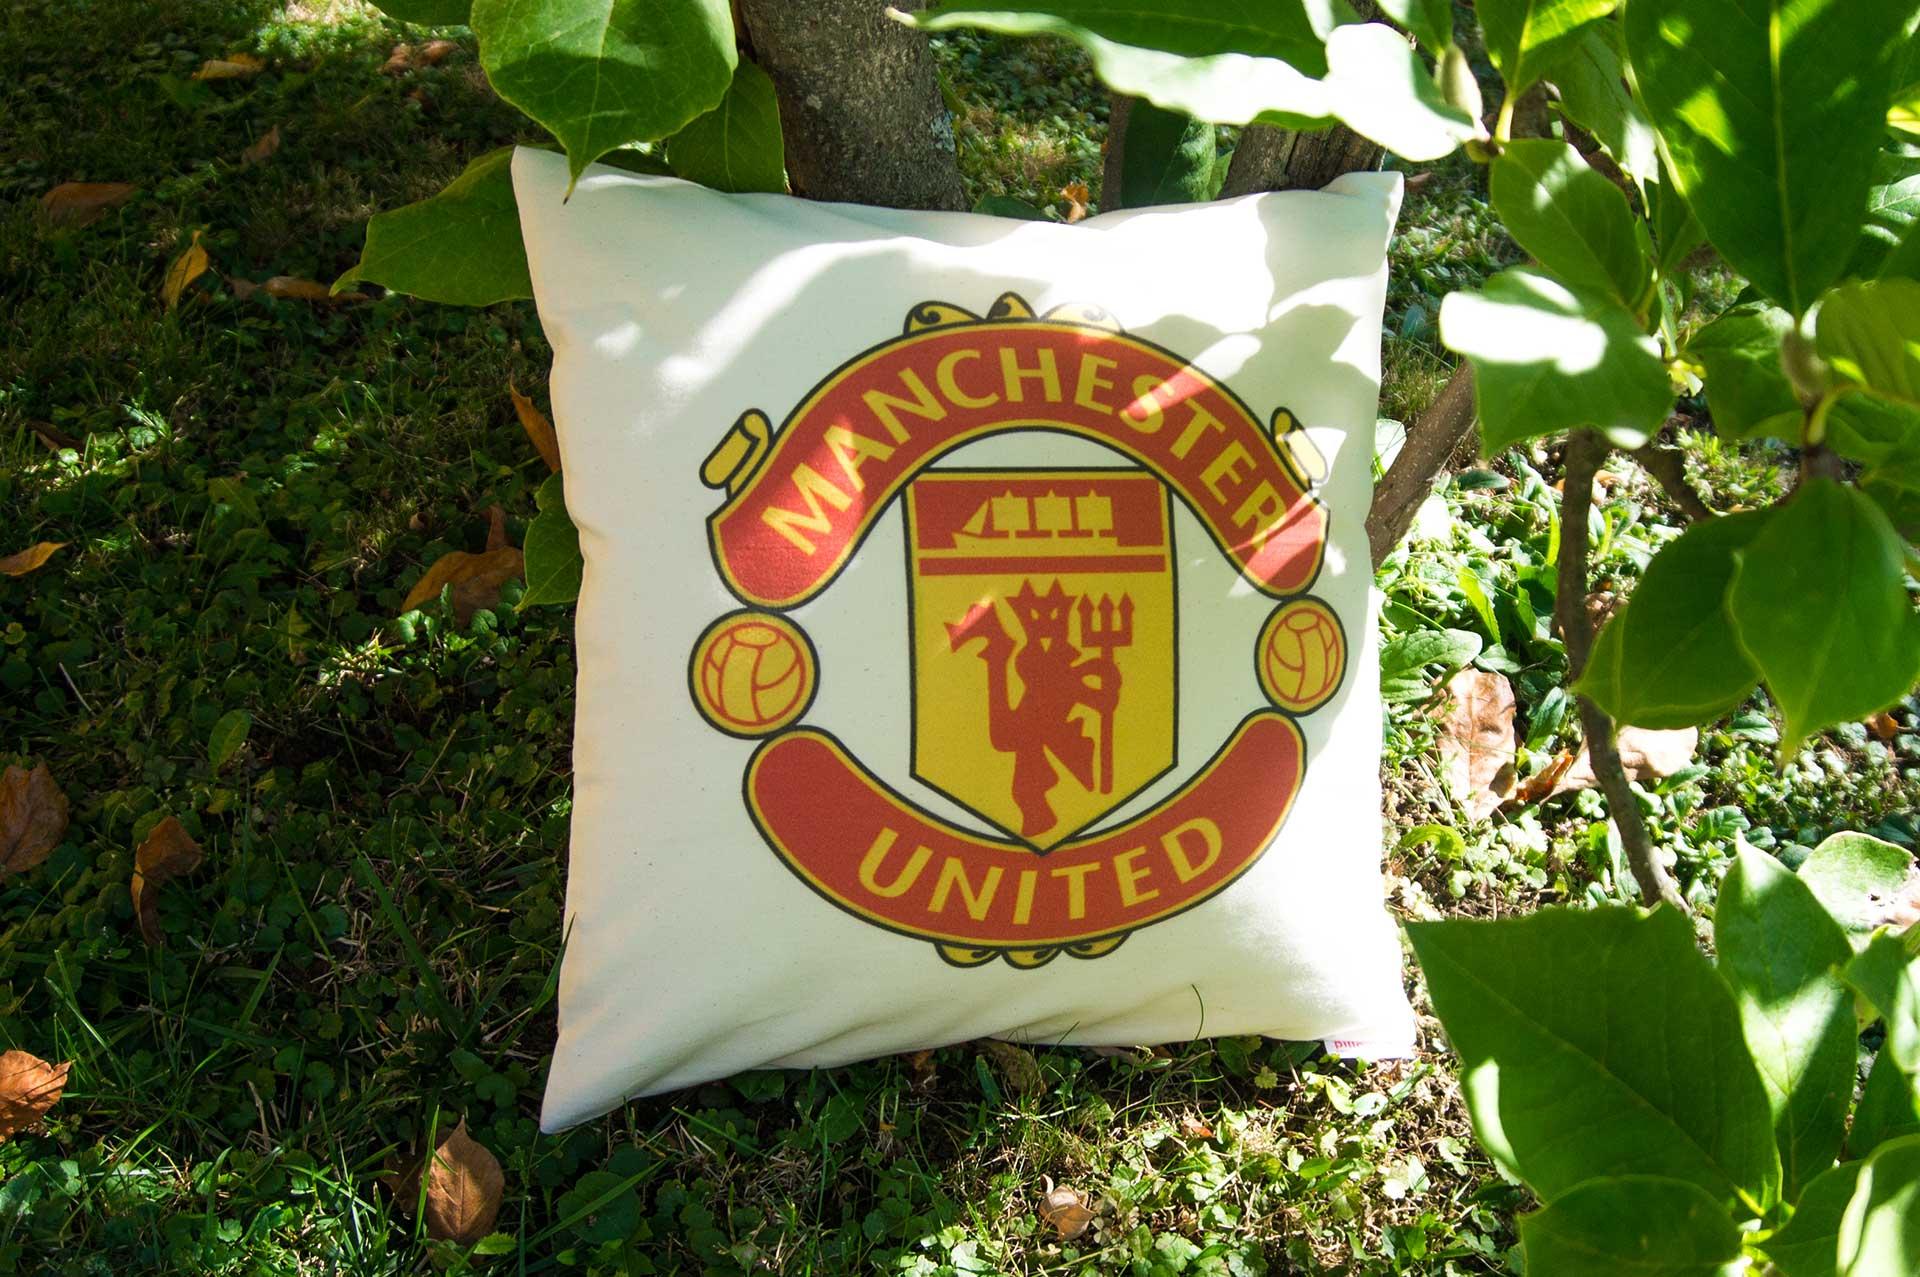 Vankúš z bavlny s logom klubu Manchester United